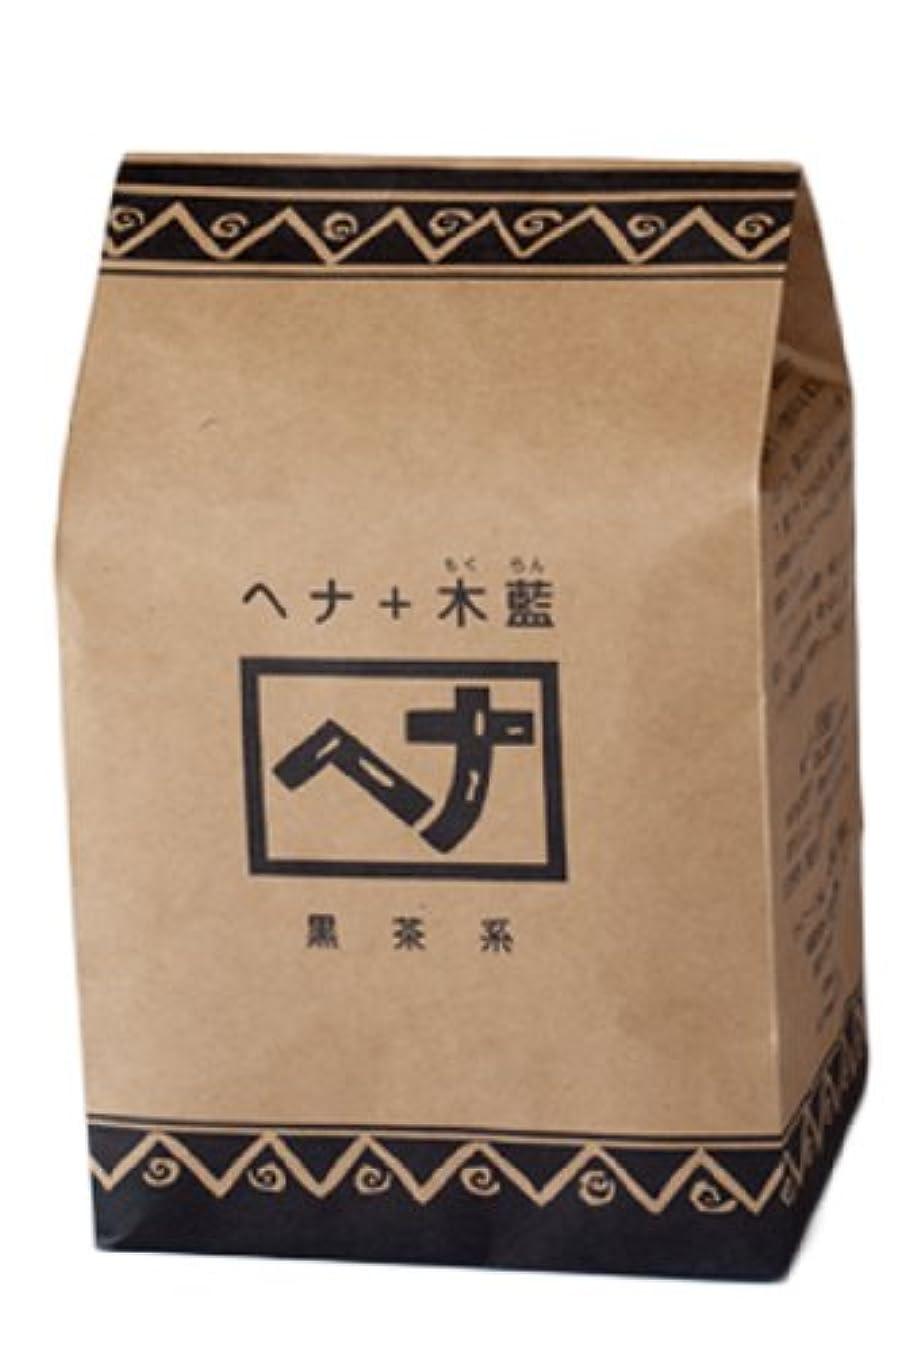 Naiad(ナイアード)  ヘナ 木藍(モクラン)400g